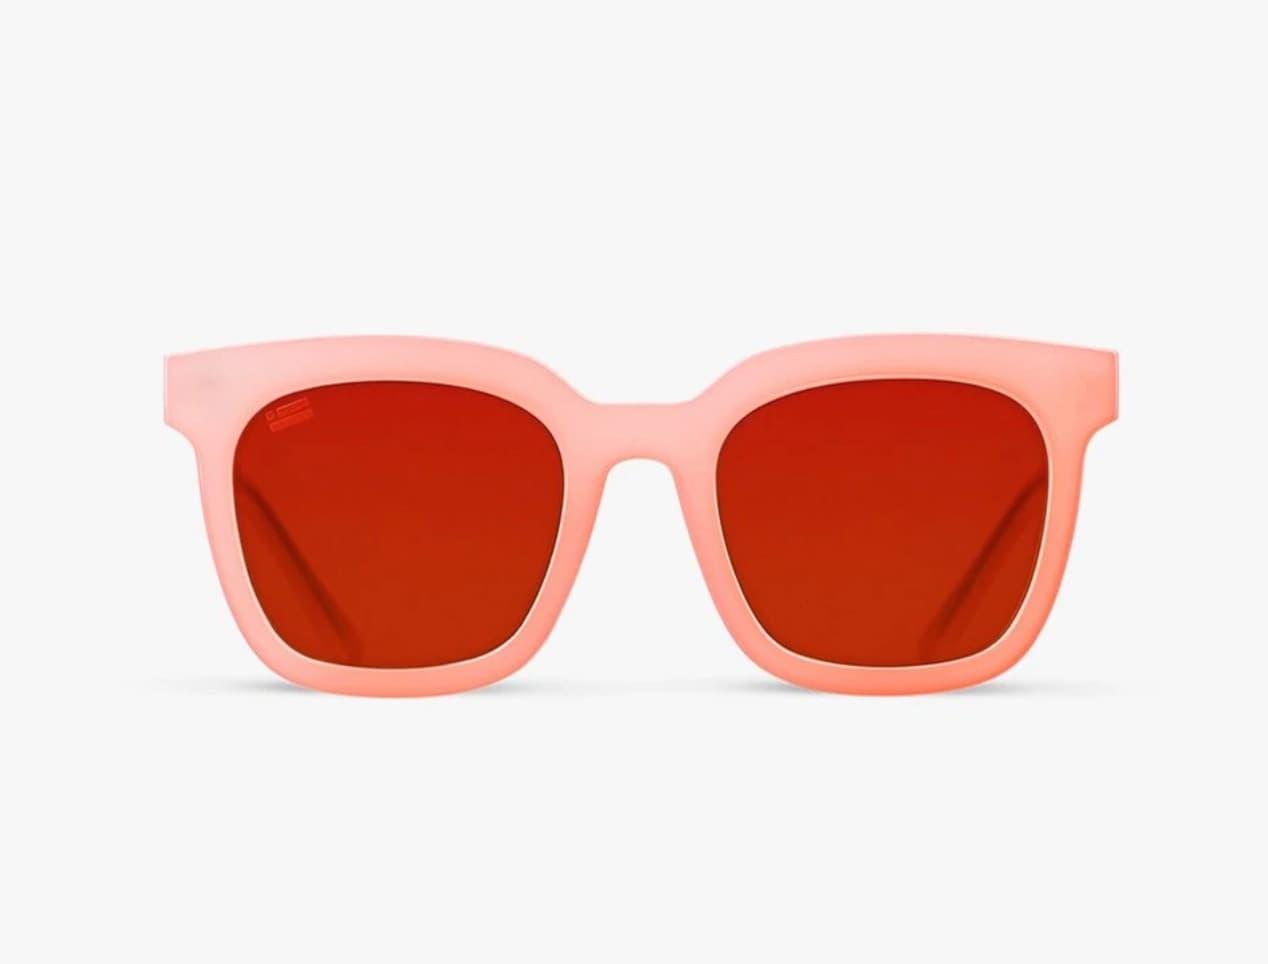 Gafas de sol de mujer D. Franklin cuadradas en color rosa con lentes en rojo